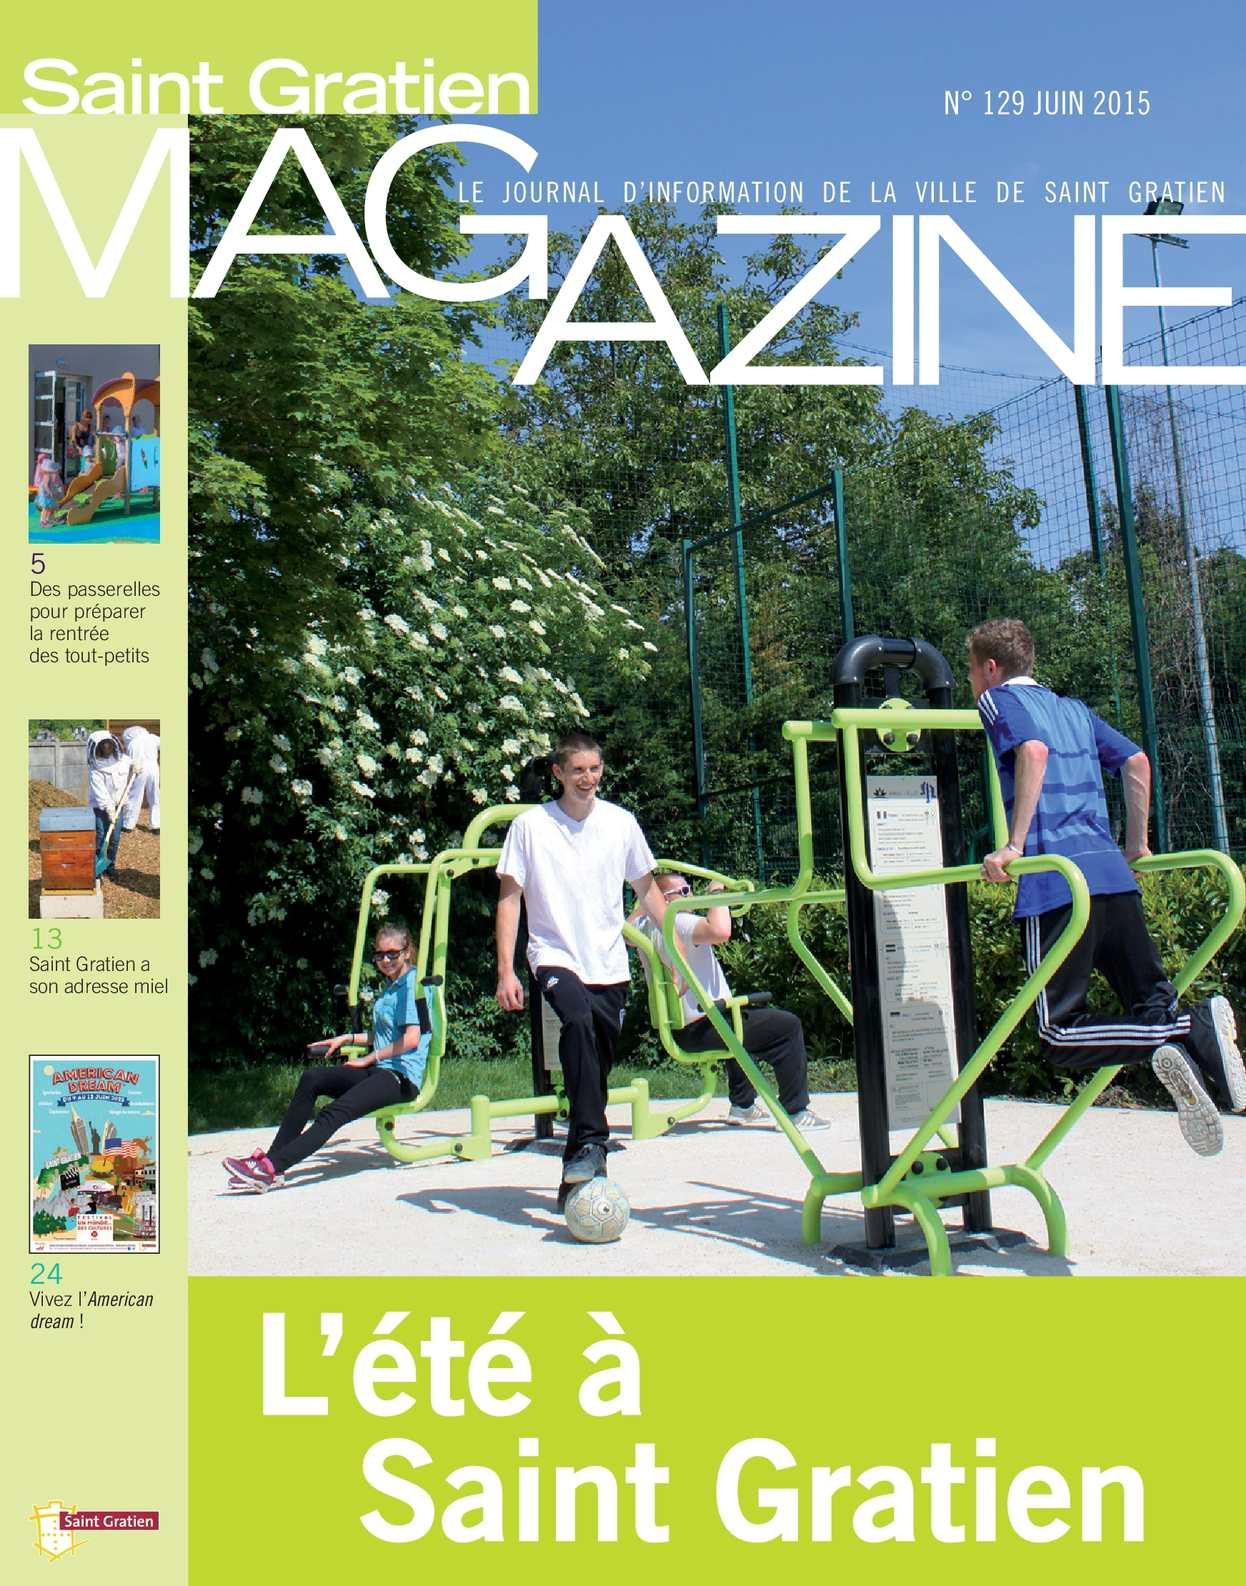 Calaméo - Saint Gratien Magazine Juin 2015 N°129 9b79c7d25776